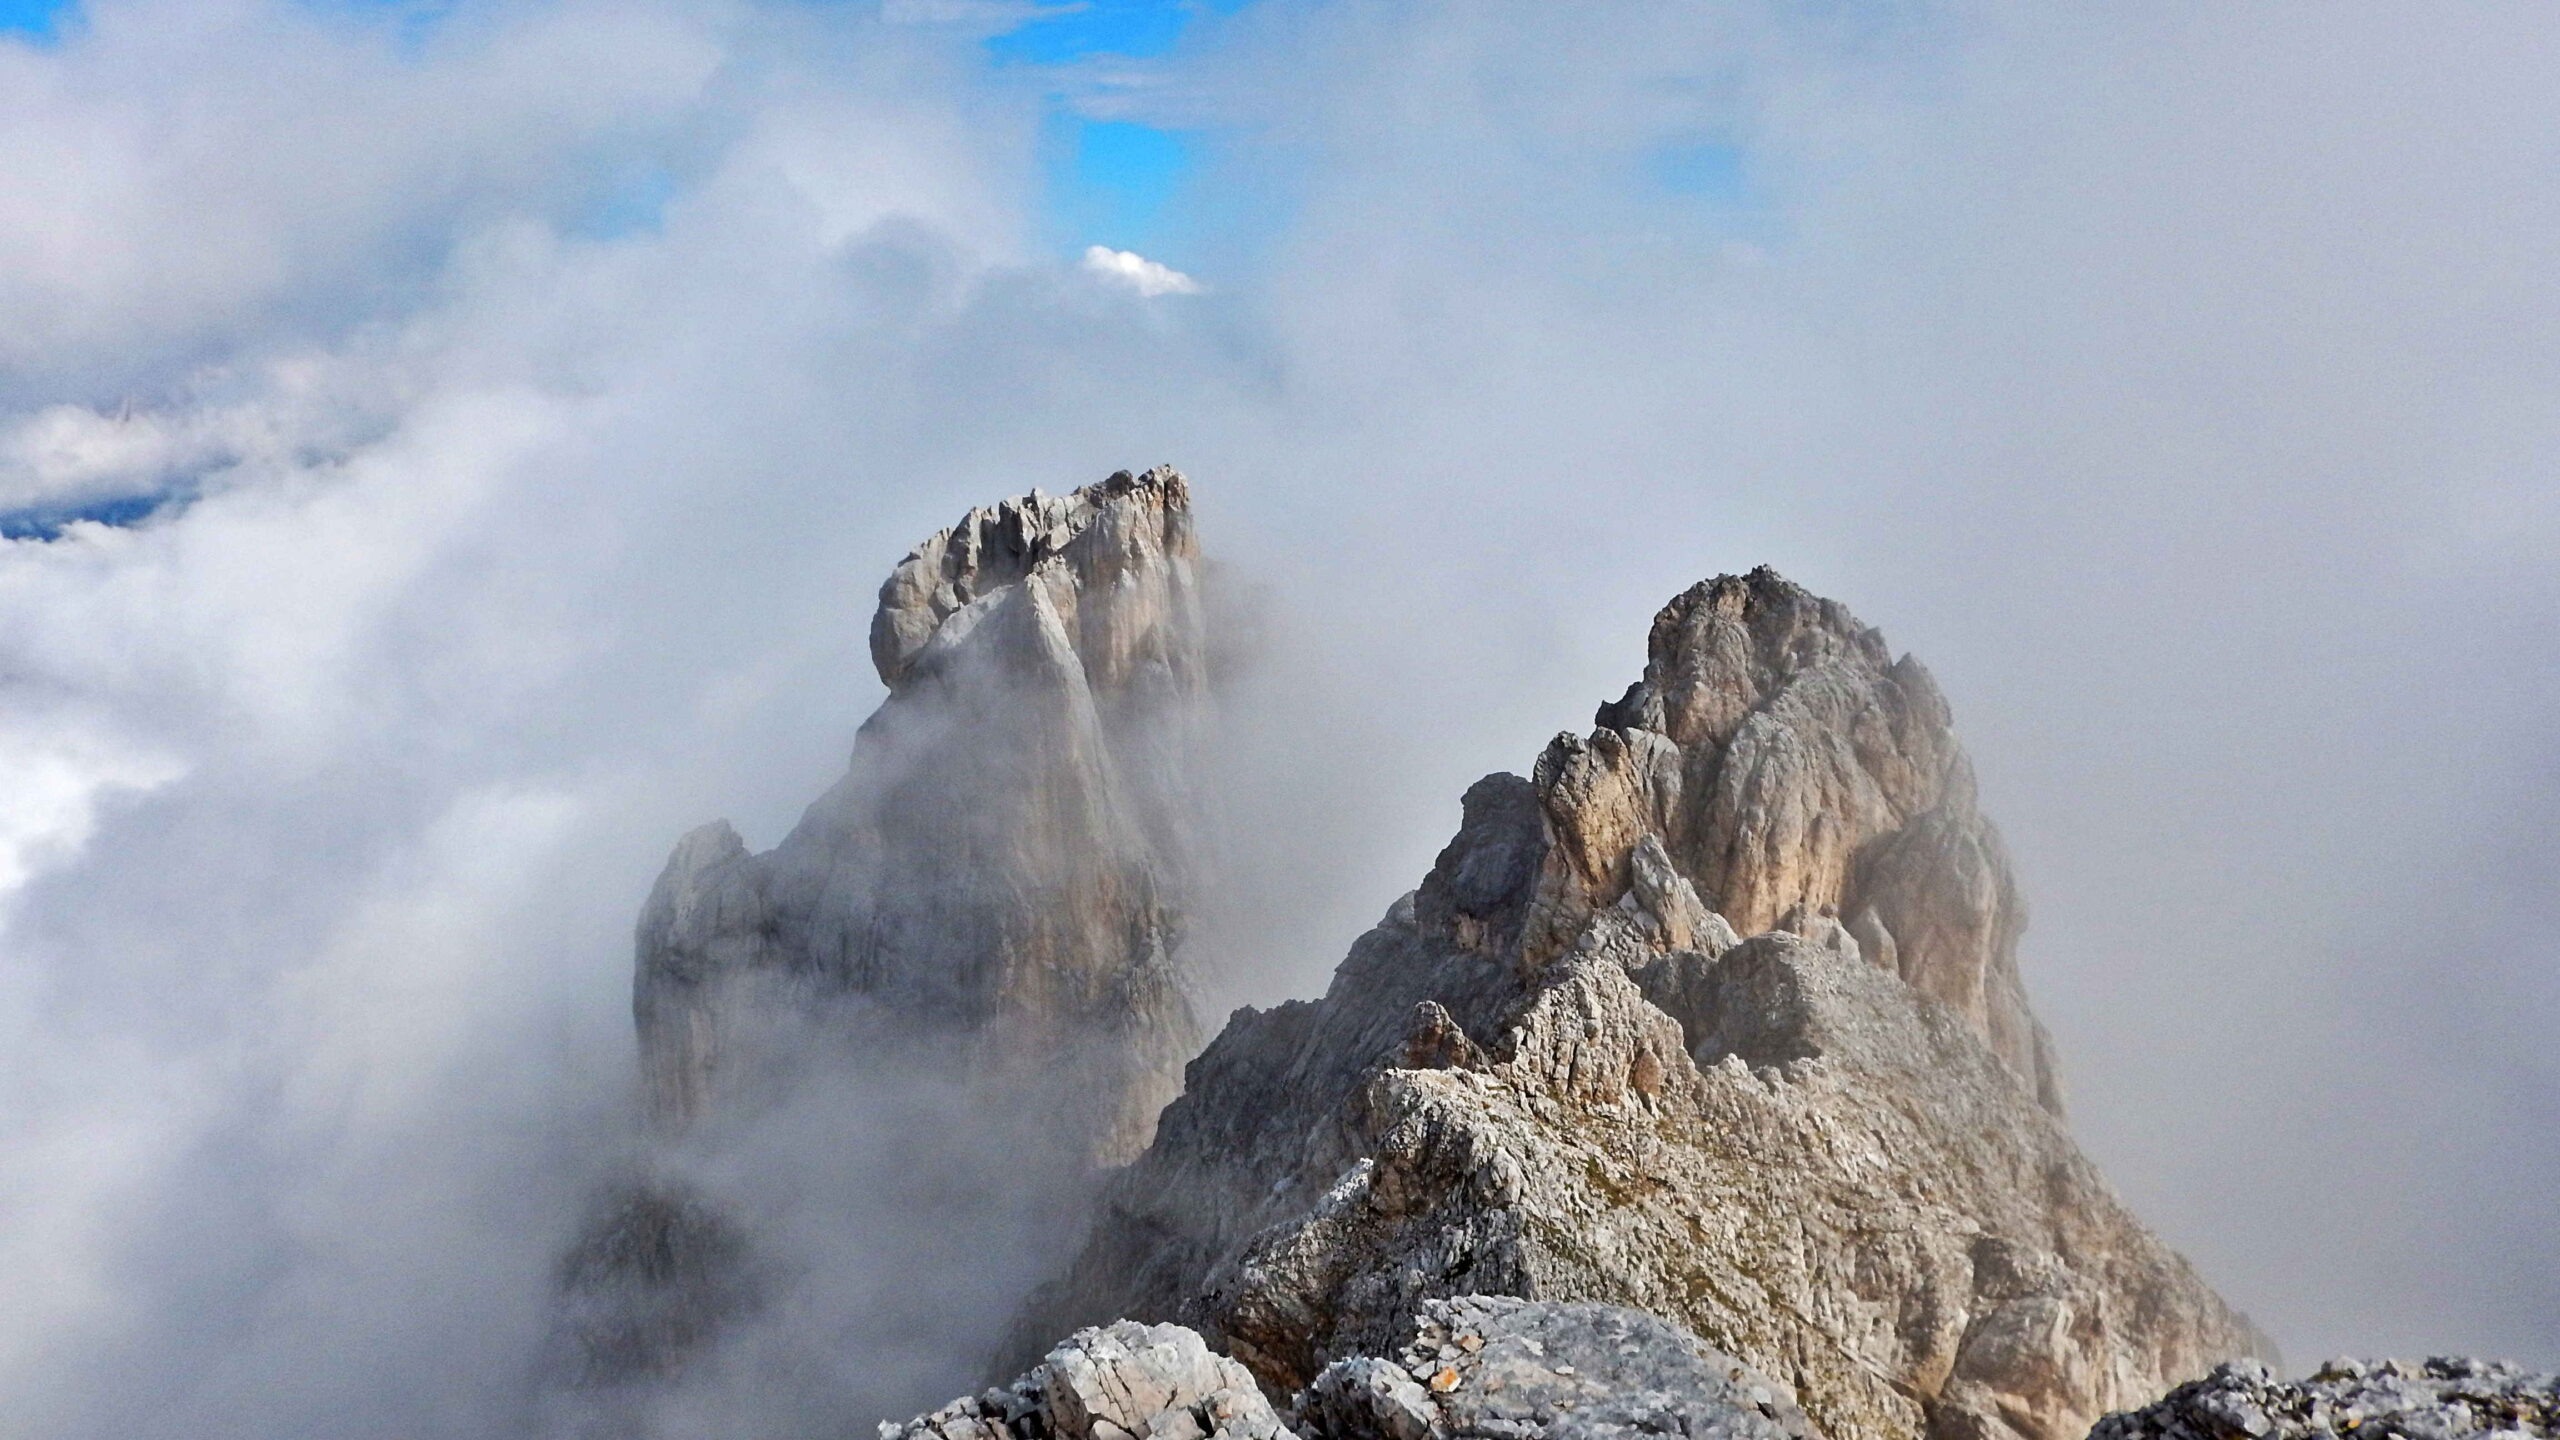 Il Campanile di San Marco, dietro a Cima Orsolina Nord, nelle nuvole